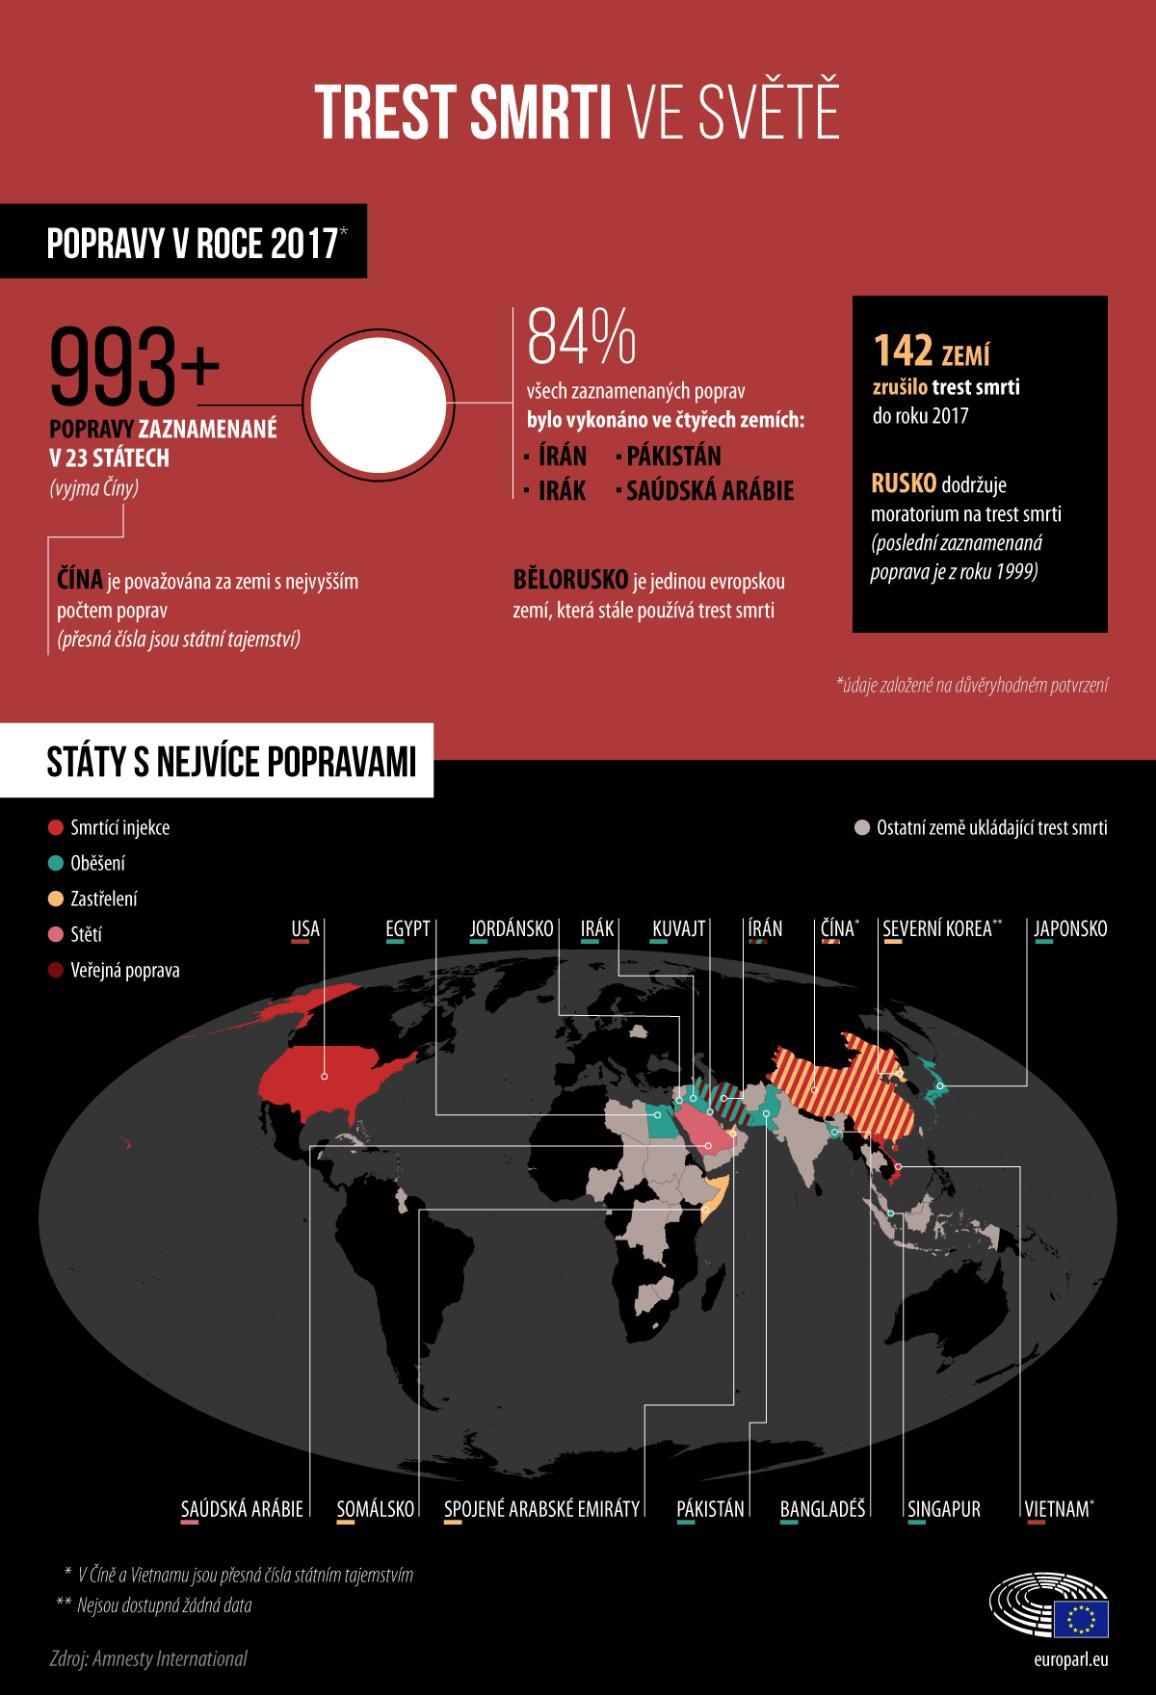 Trest smrti ve světě